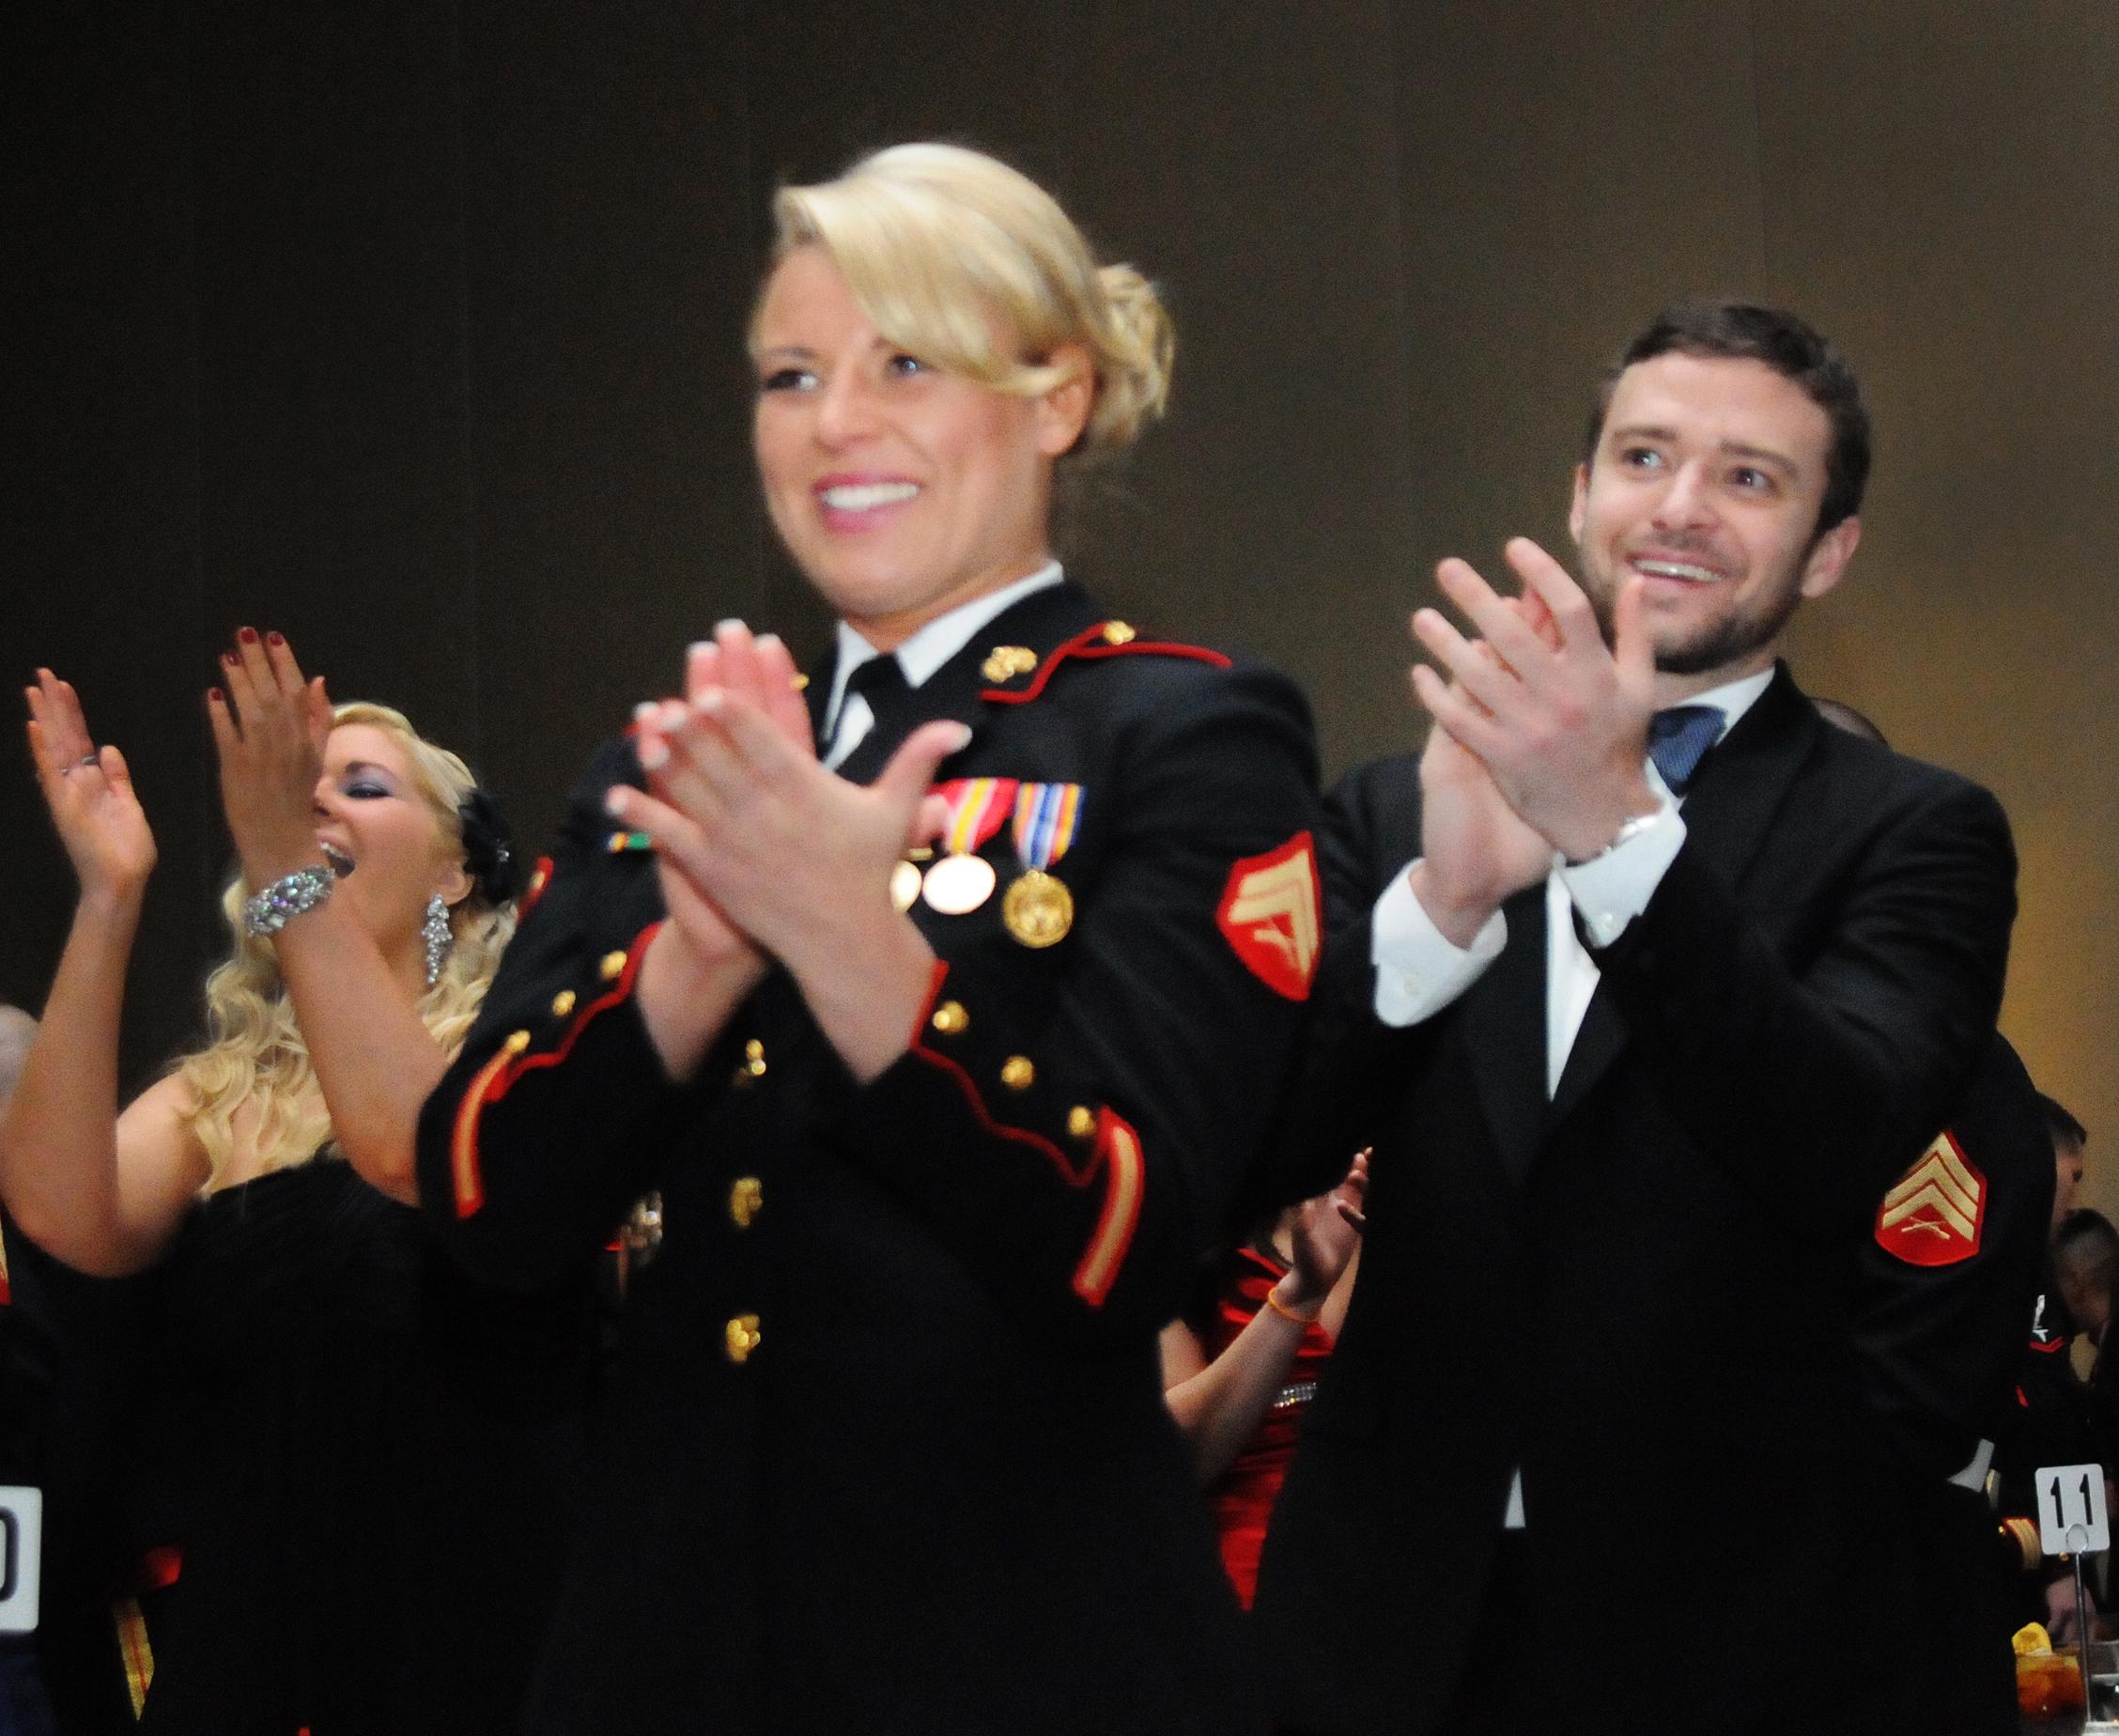 File:Justin Timberlake at Marine Corp ball.jpg - Wikimedia ...